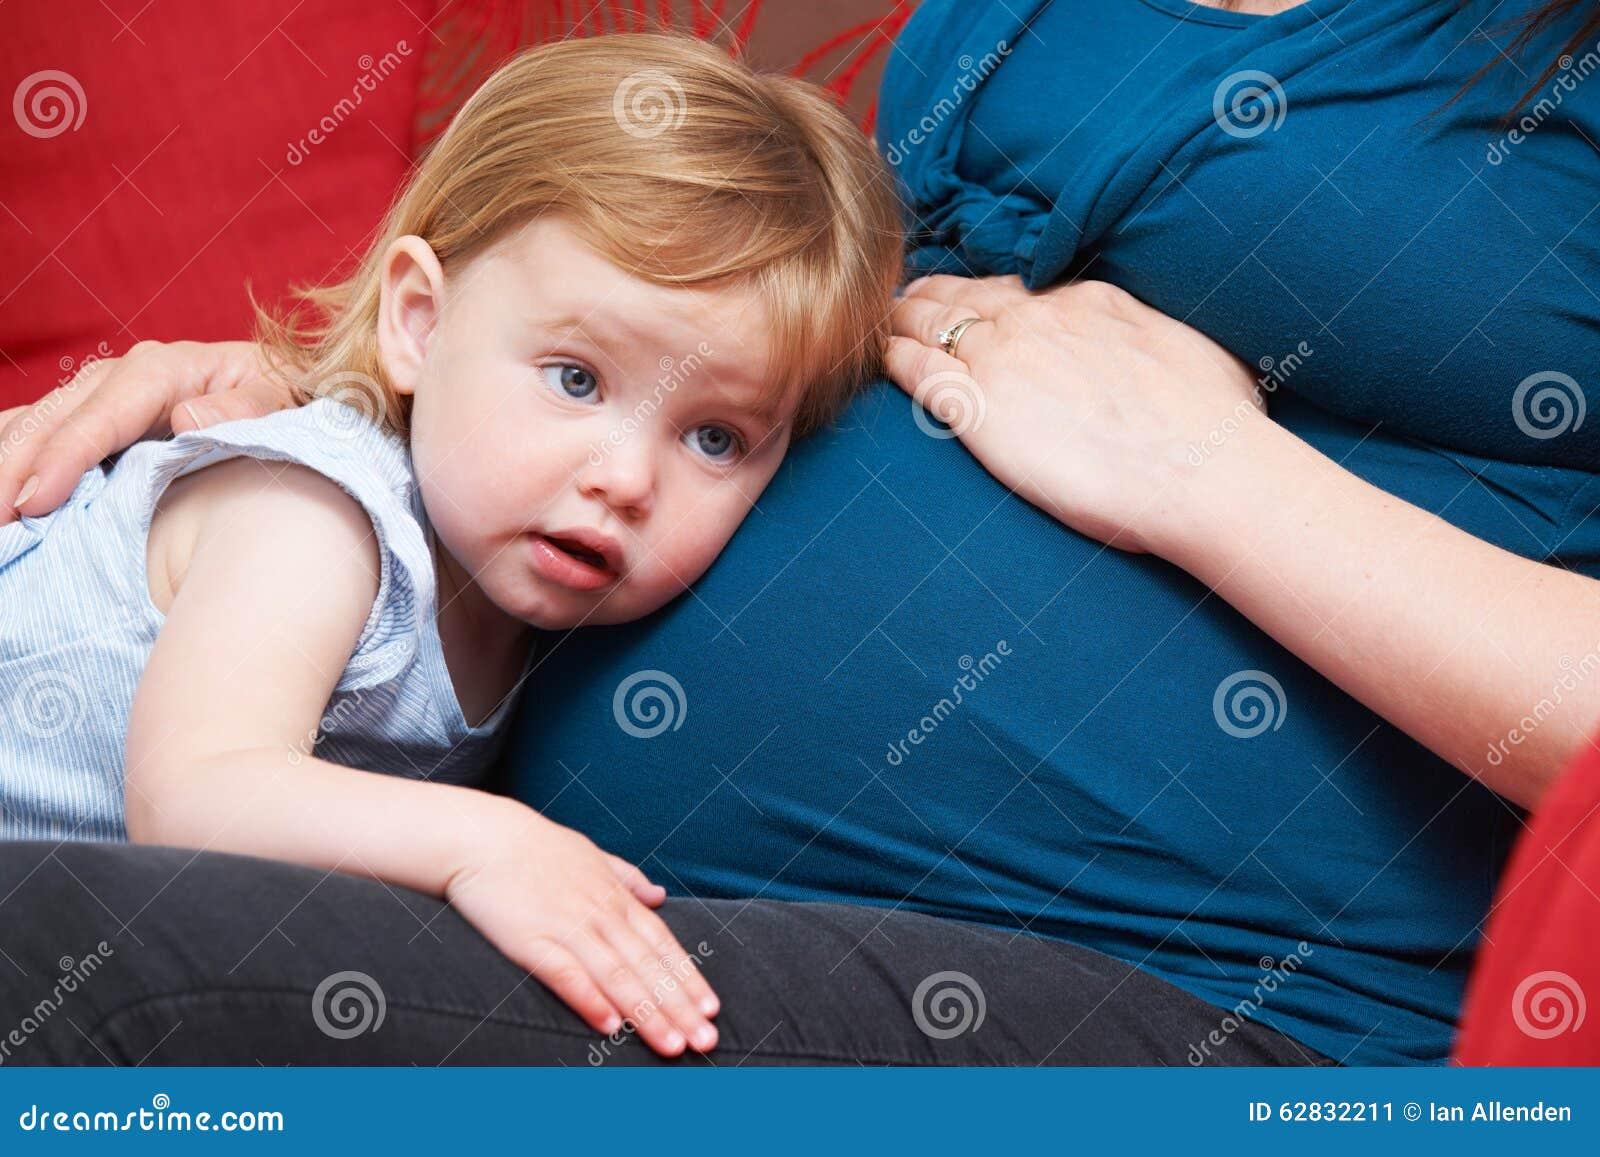 Chica joven y embarazada necesita ayuda-119